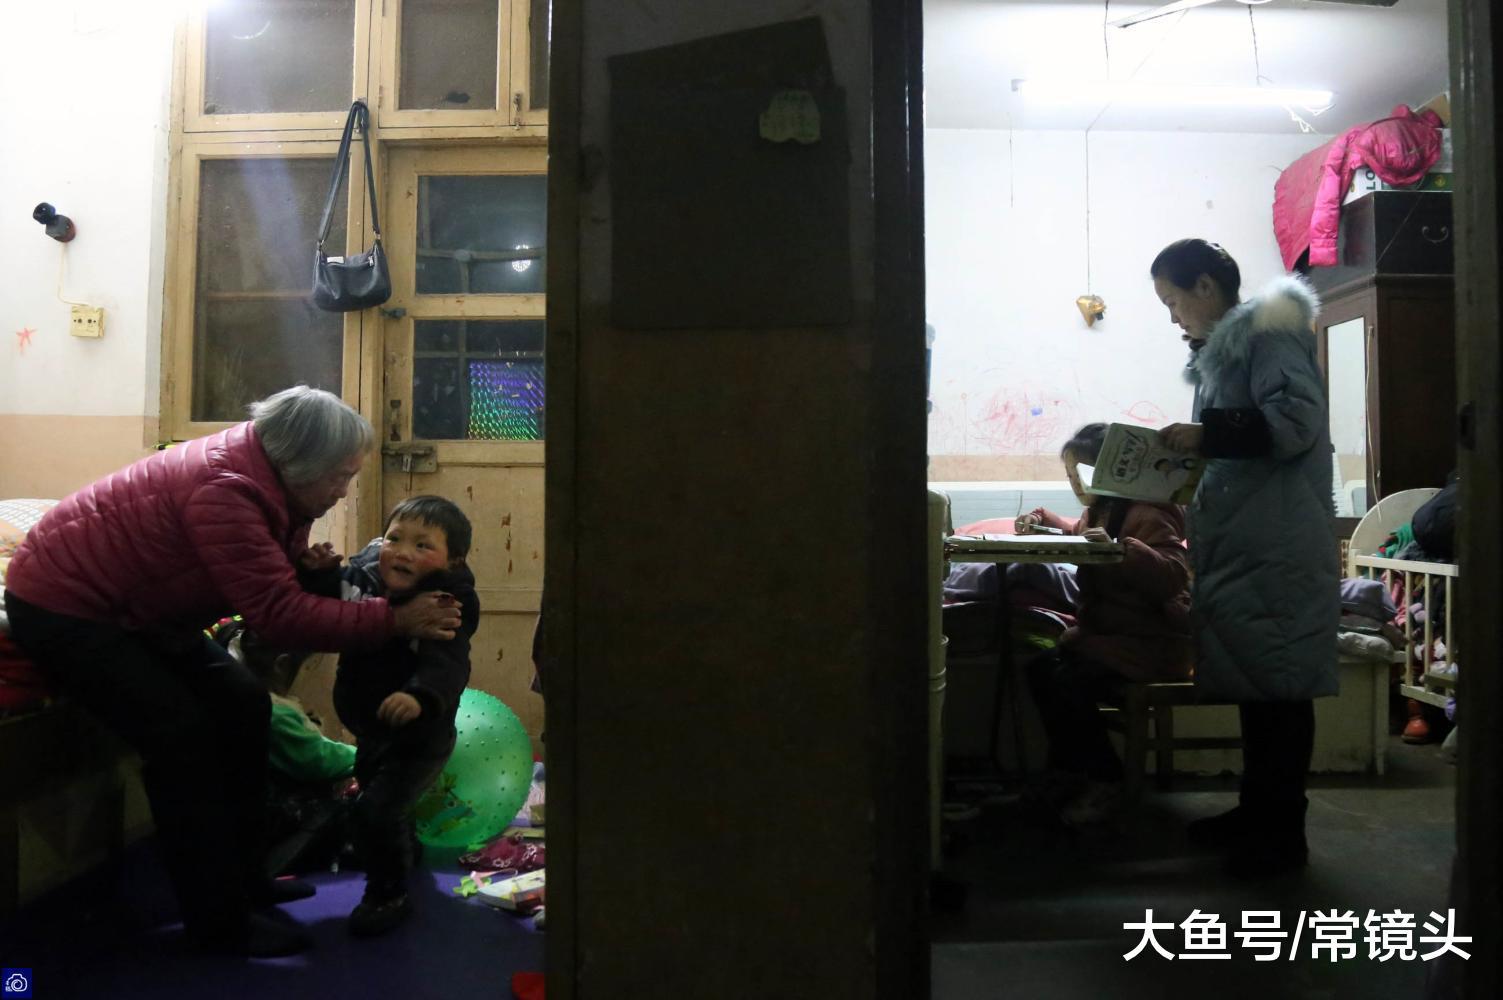 女骑脚一天拼12小时赚钱养家,愧疚伴孩子太少,每天对峙收拥抱